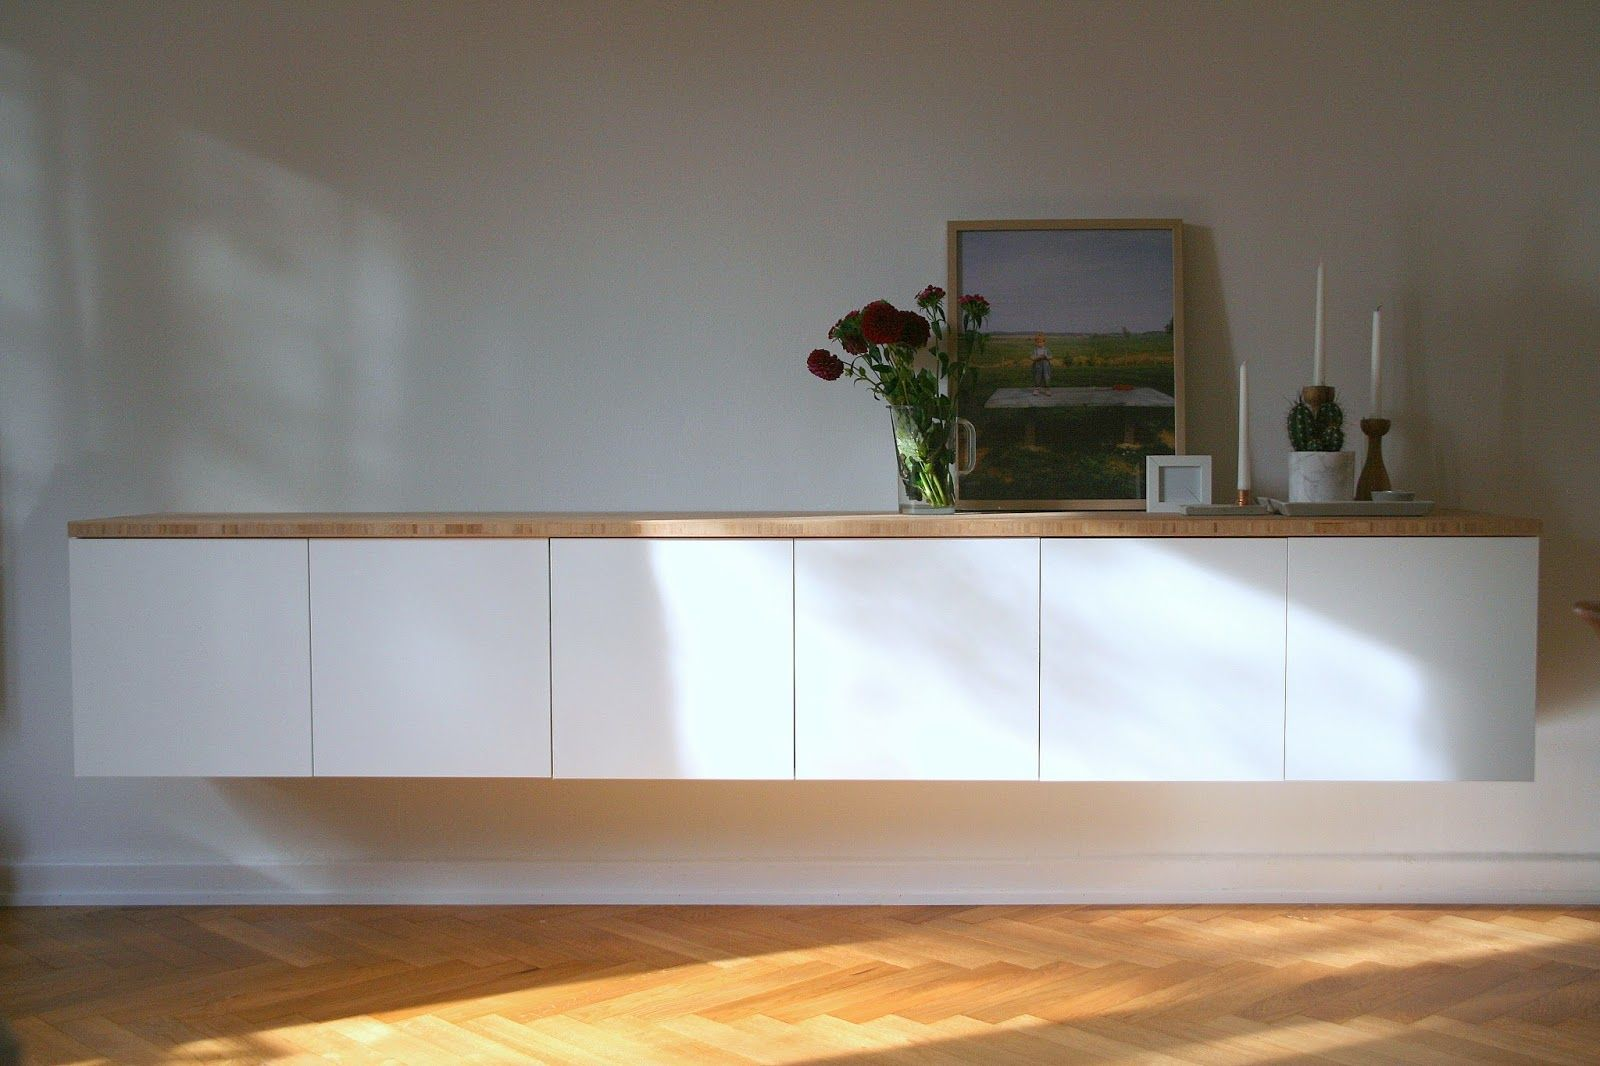 Full Size of Diy Sideboard Ikea Hack Vidanullvier Modulküche Bad Hängeschrank Weiß Küche Höhe Glastüren Kosten Betten 160x200 Kaufen Badezimmer Bei Hochglanz Wohnzimmer Ikea Hängeschrank